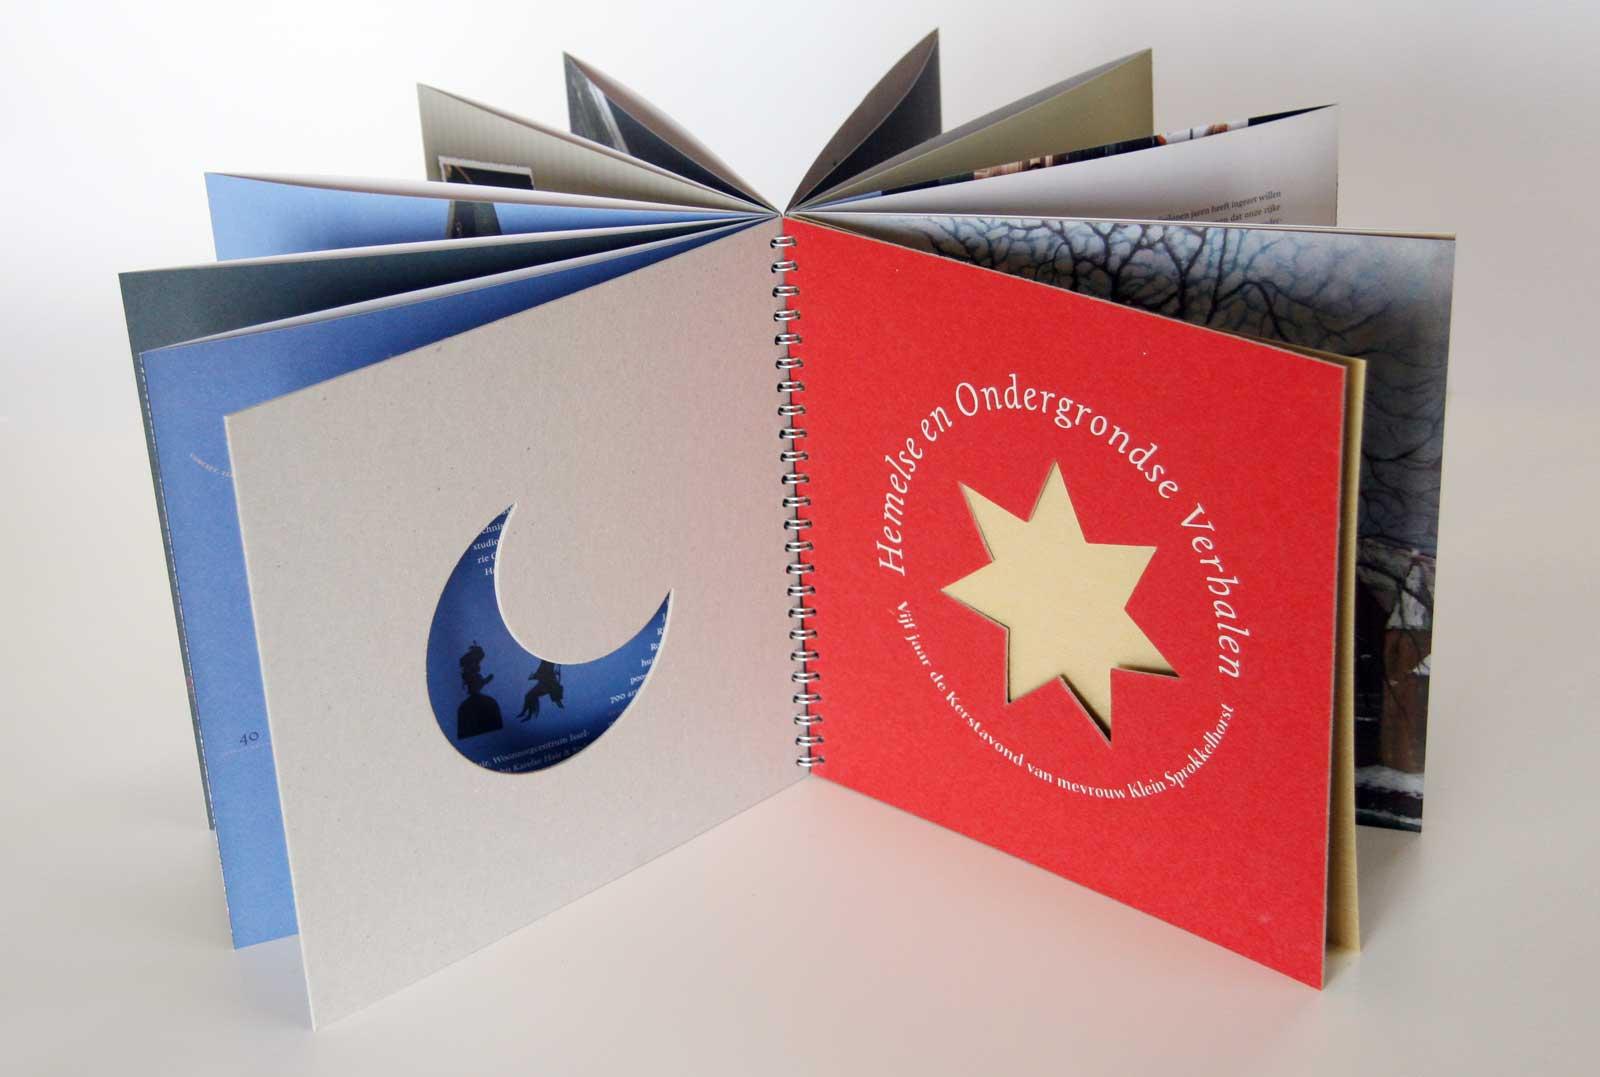 Sprokkelhorst uitgave met uitgestanste vormen uit voor- en achterplat